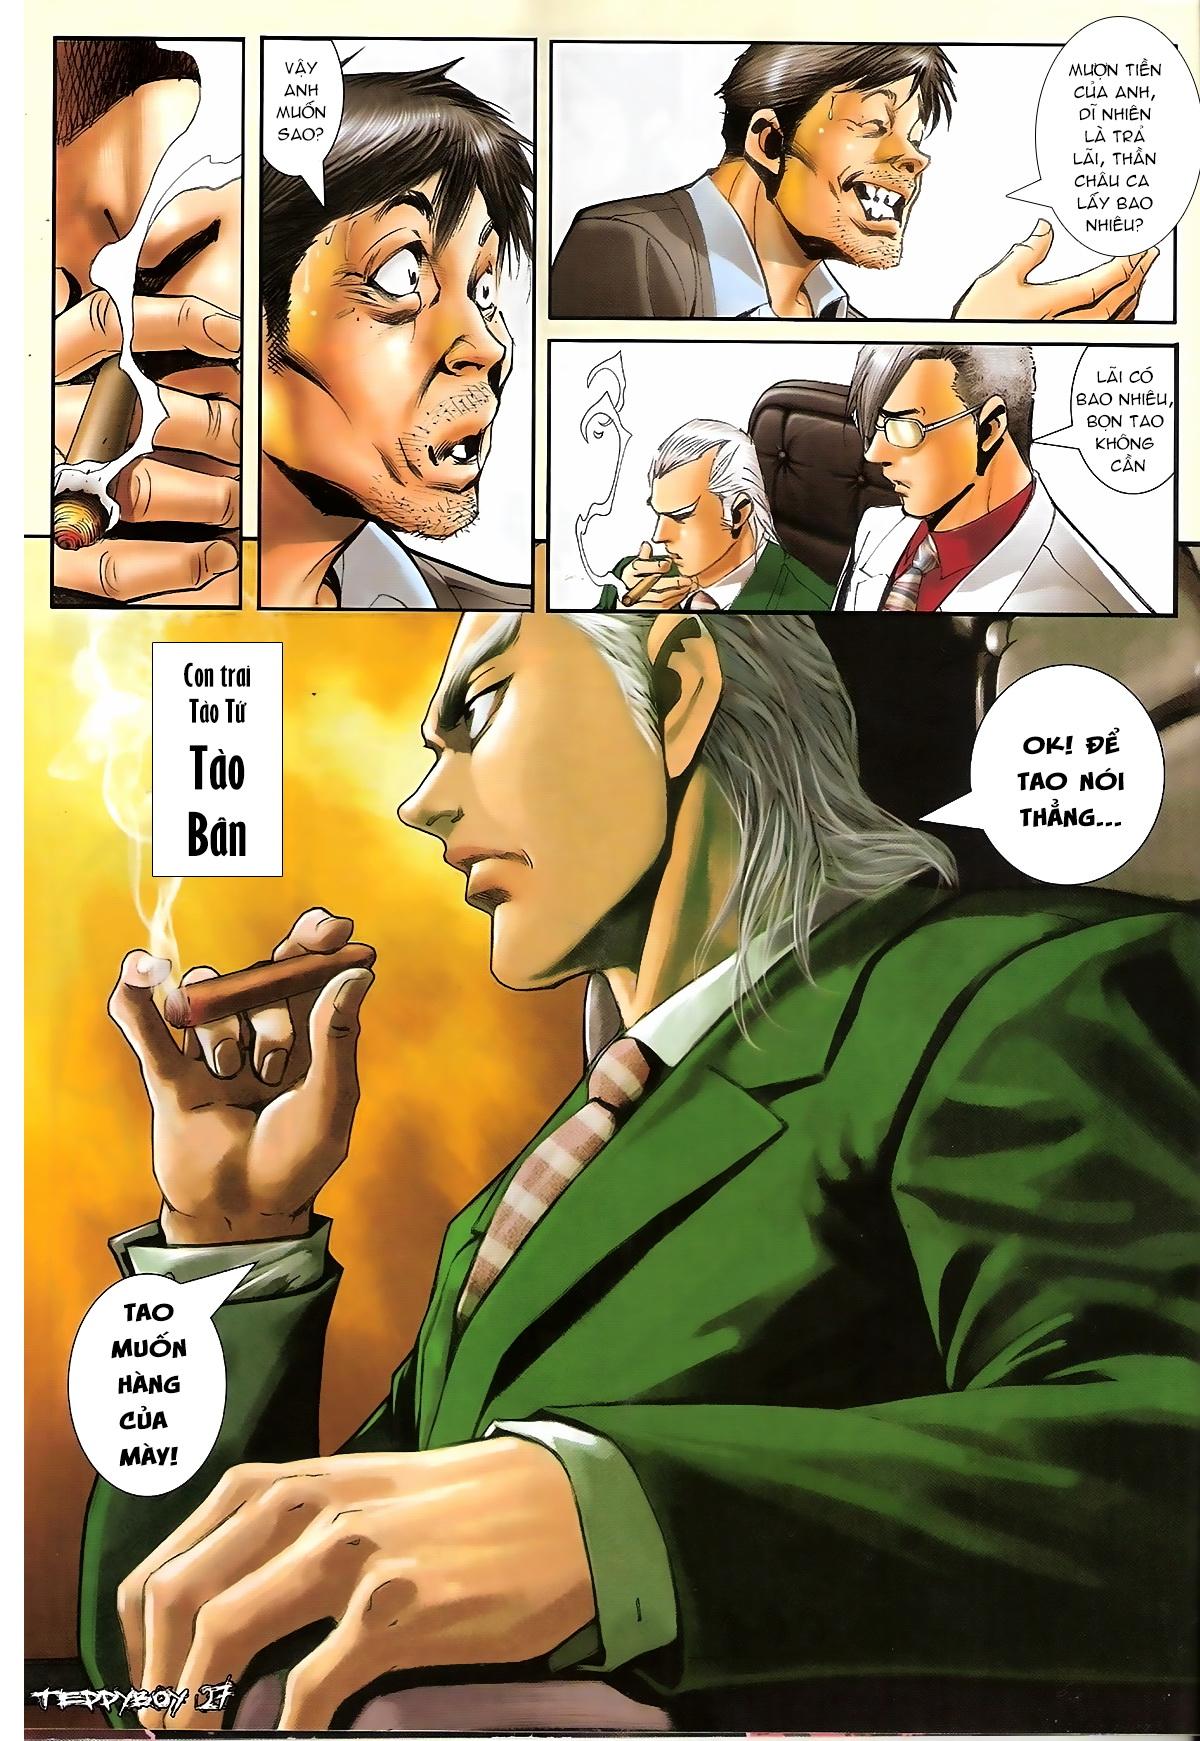 NGƯỜI TRONG GIANG HỒ trang 23